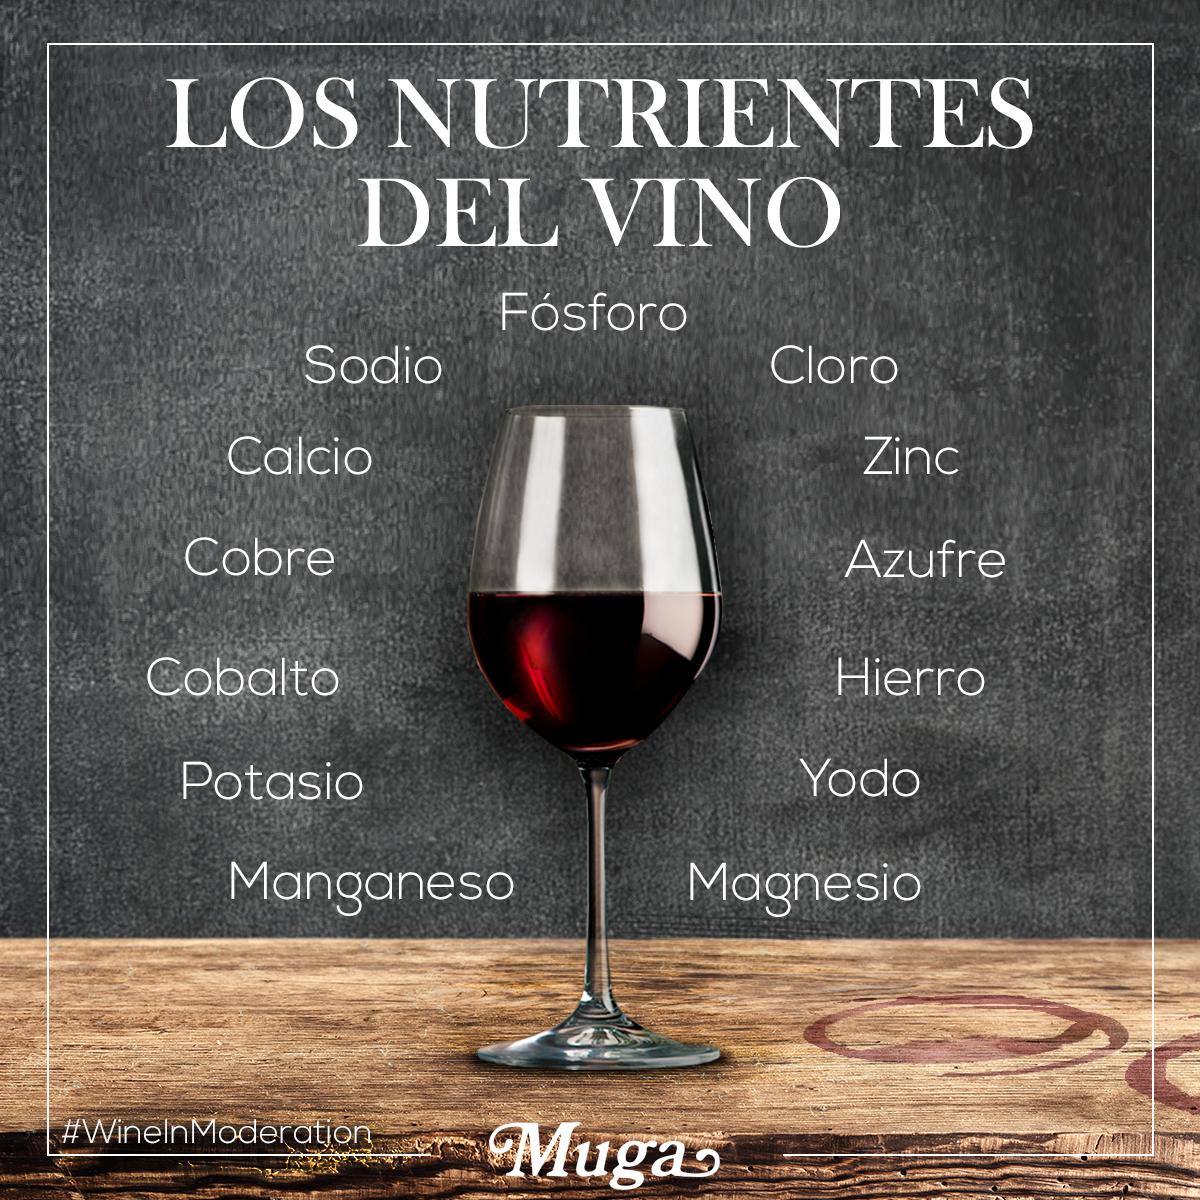 Pin En Aprendiendo De Vinos Learning Wines